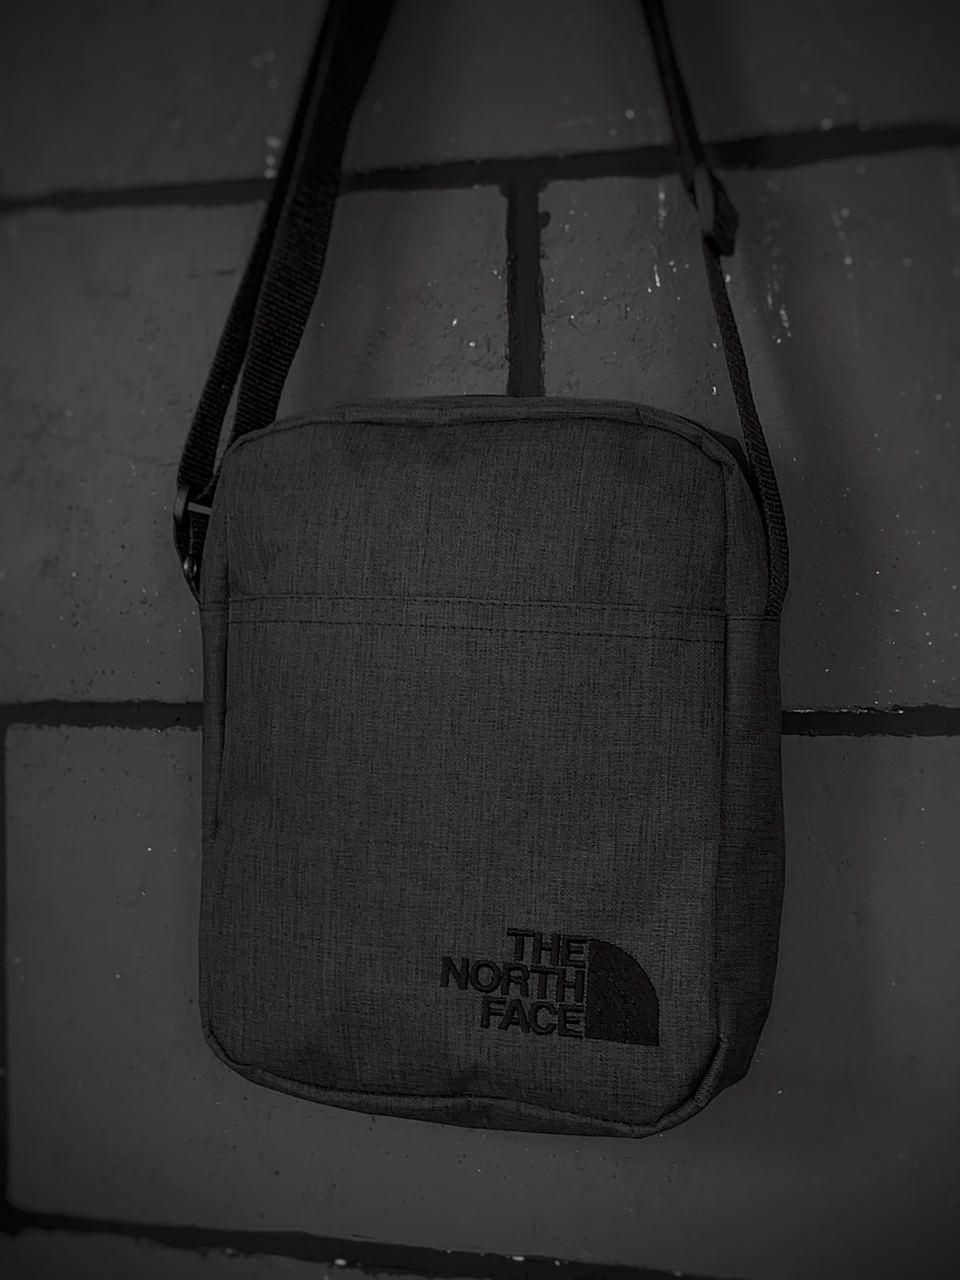 Барсетка Мужская The North Face TNF ТНФ темно серая сумка через плечо